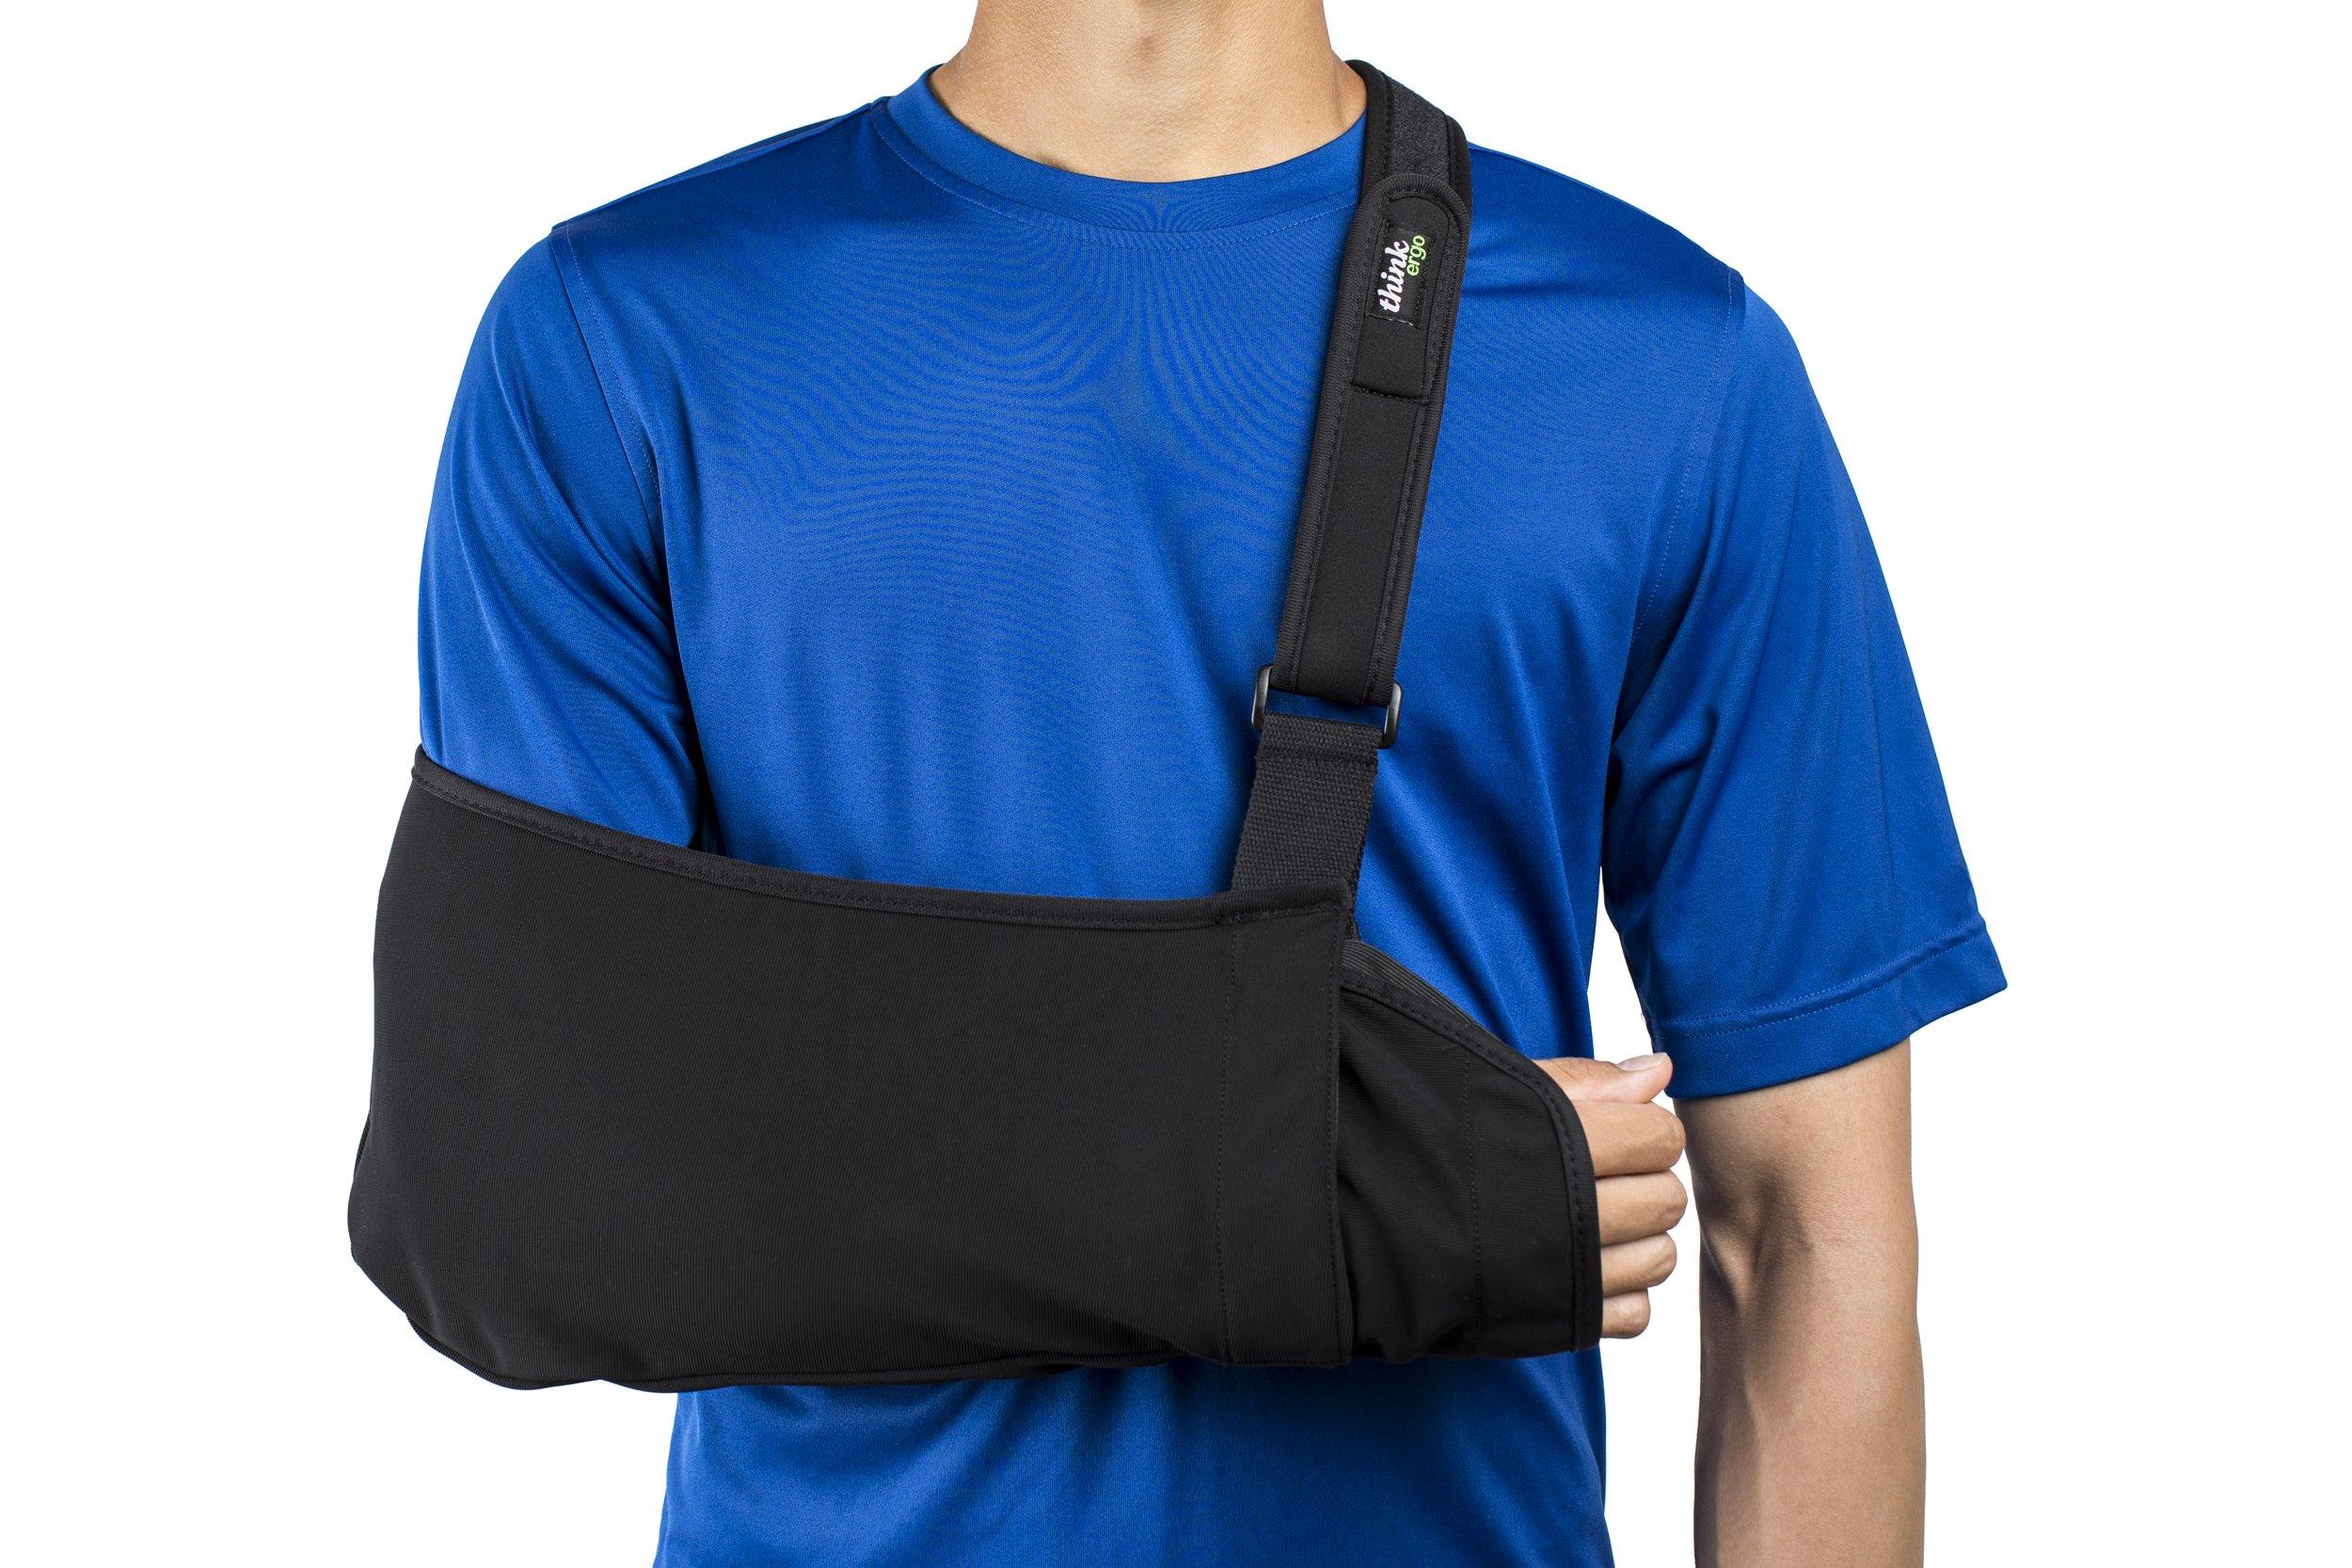 Think Ergo Arm Sling Sport - Lightweight, Breathable, Ergonomically Designed Medical Sling for Broken & Fractured Bones - Adjustable Arm, Shoulder & Rotator Cuff Support (XL Adult)